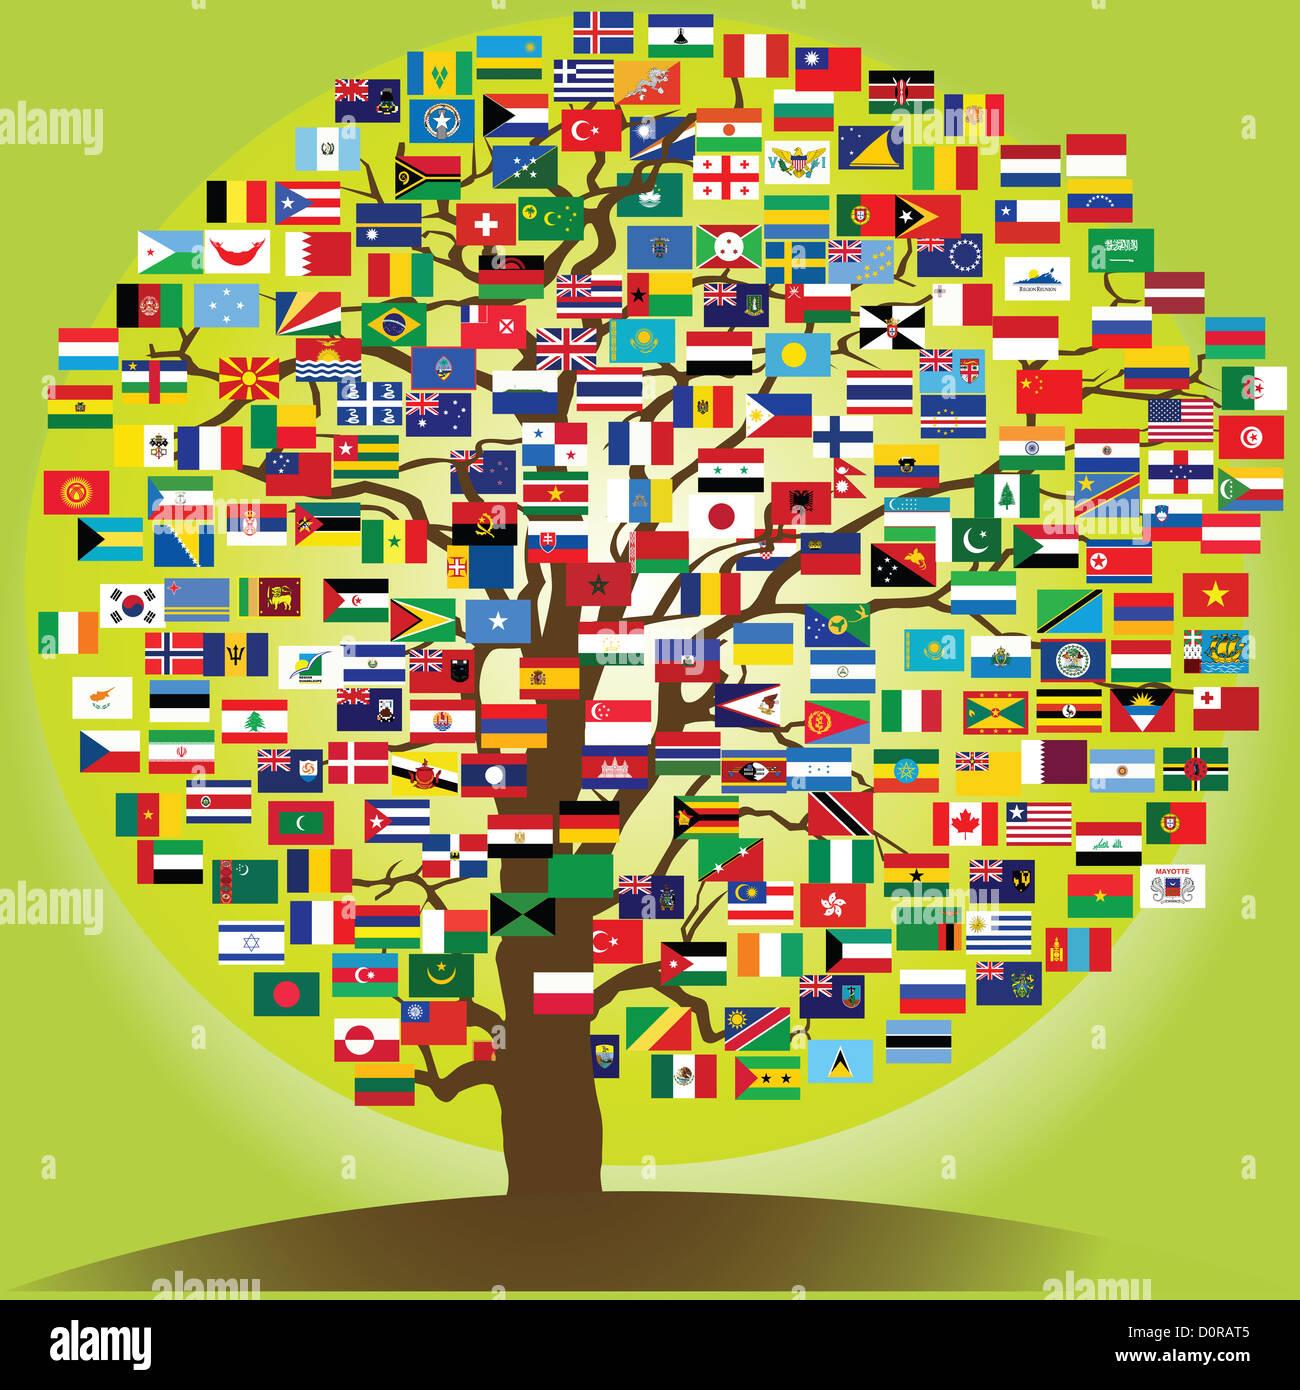 Símbolo del árbol de la paz entre las naciones frienship Imagen De Stock